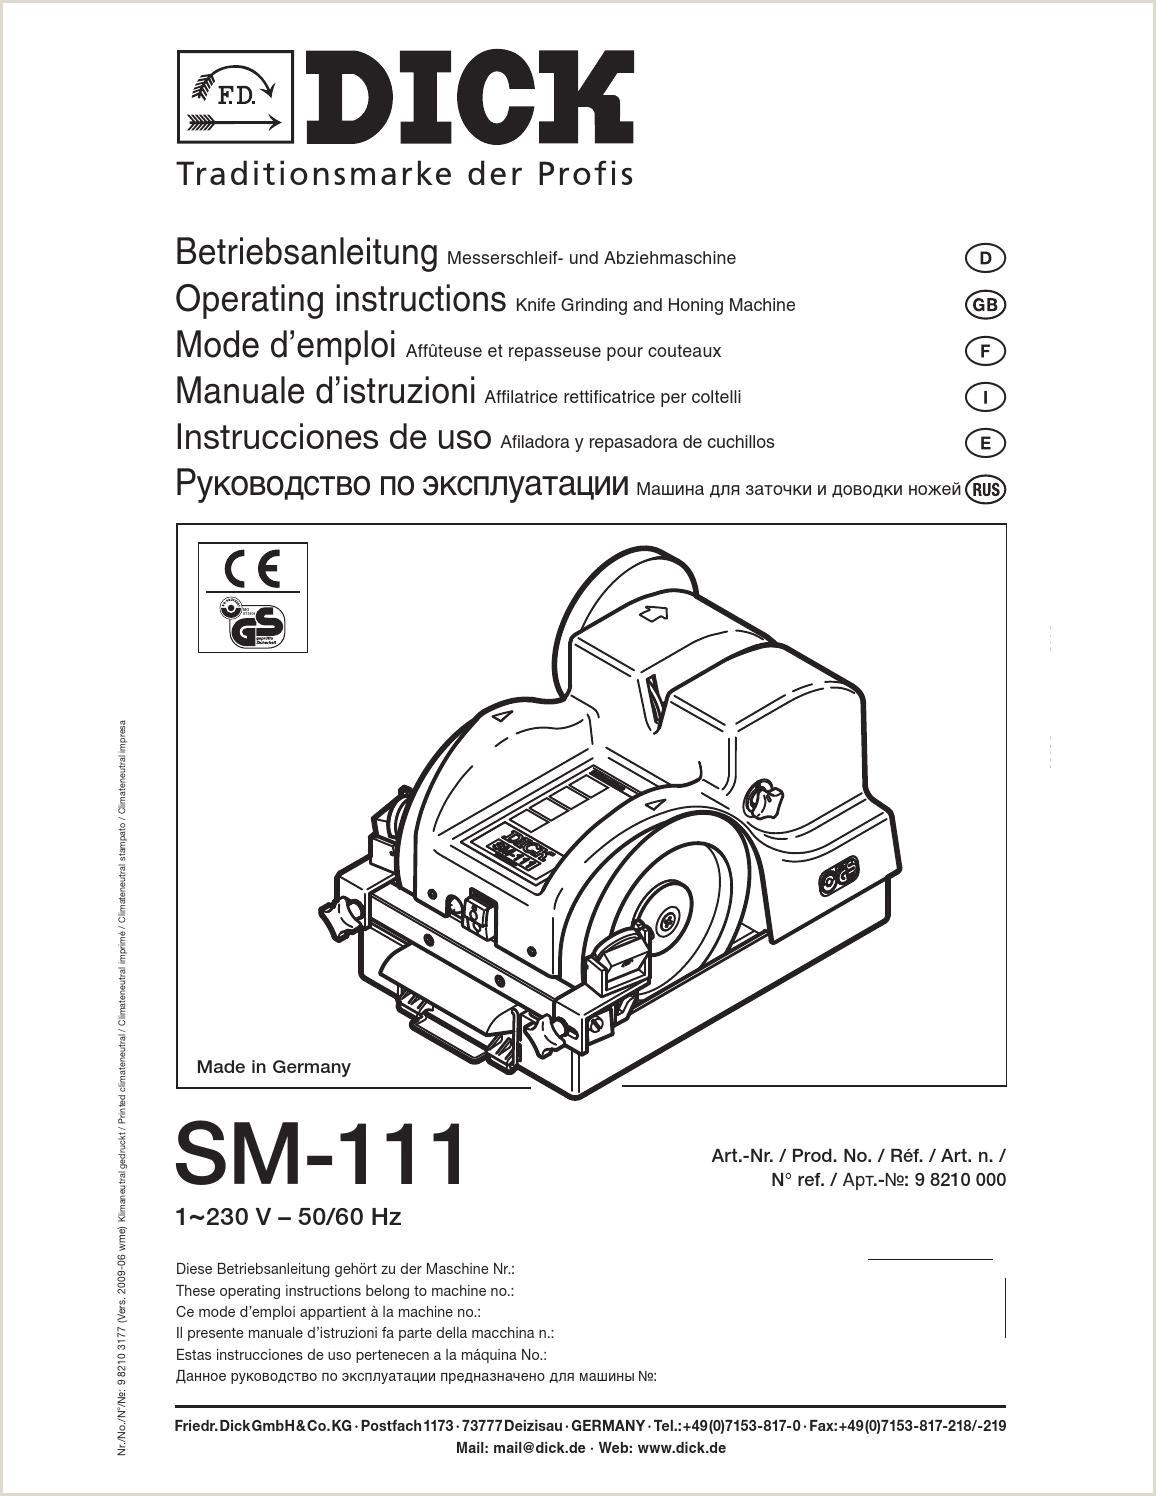 Como Hacer Una Hoja De Vida Bien Manual Afiladora Sm 111 Dick by Food Technology Sa issuu